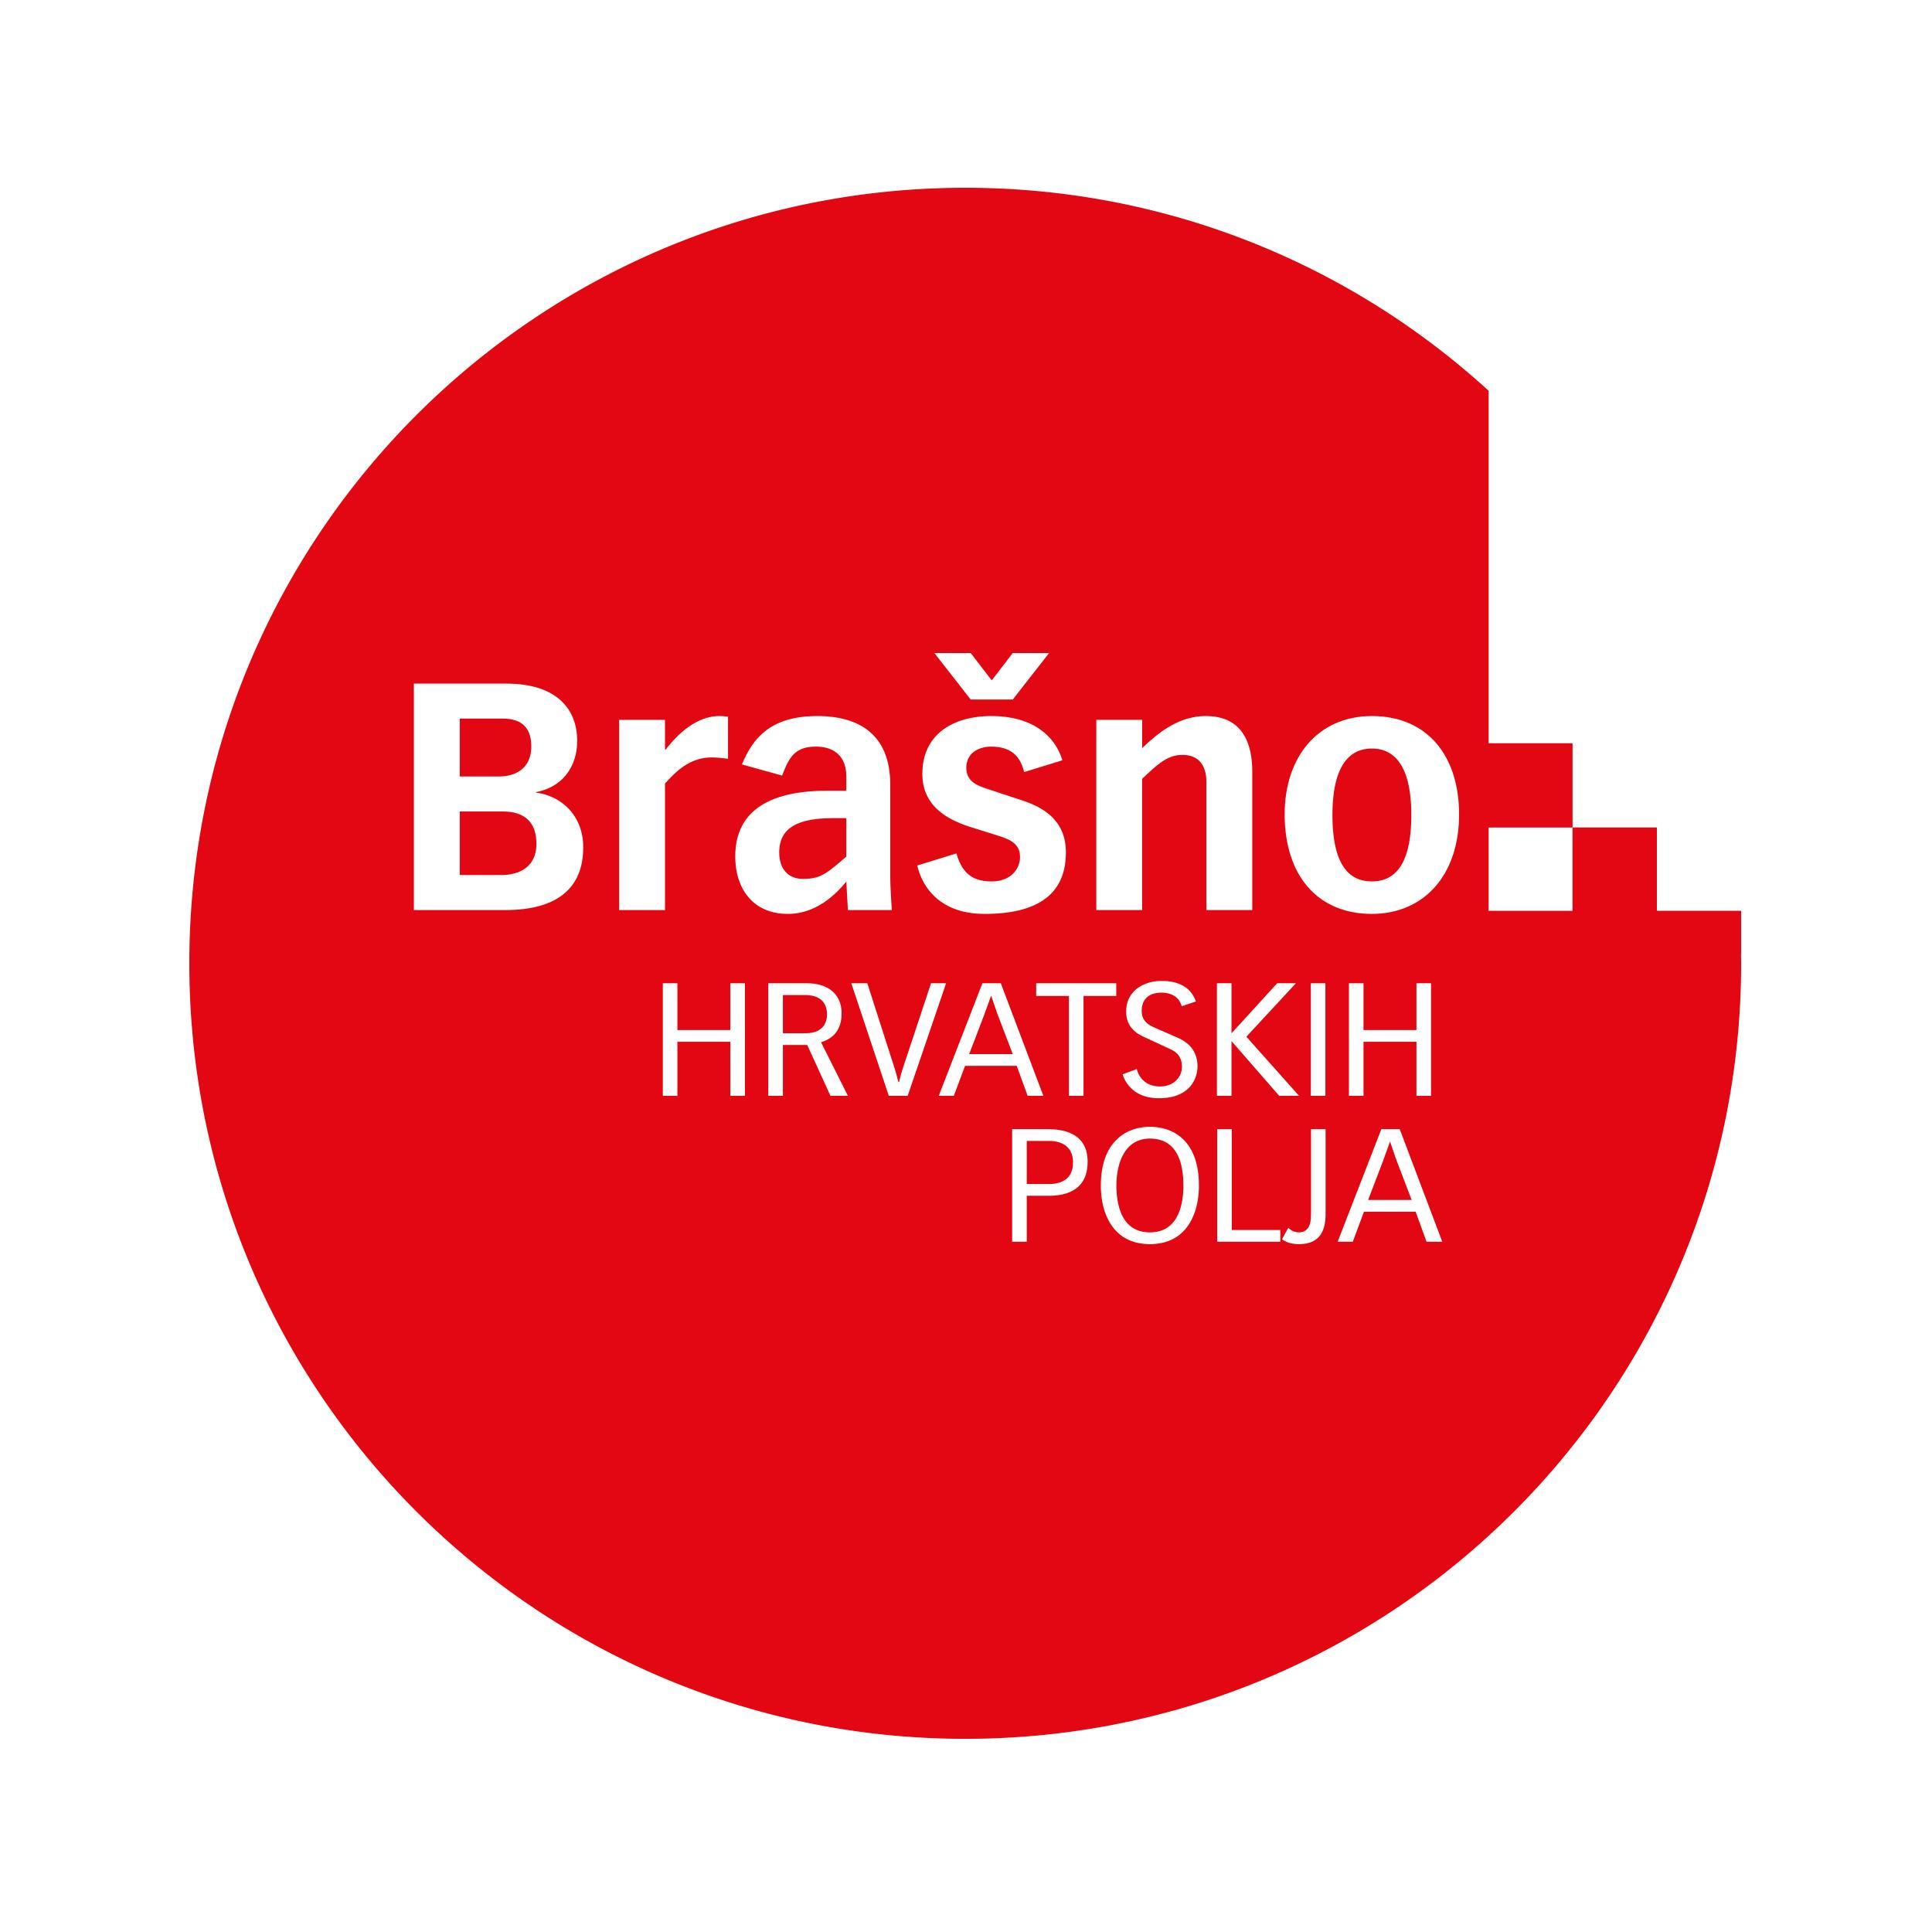 brasno_hrvatskih_polja